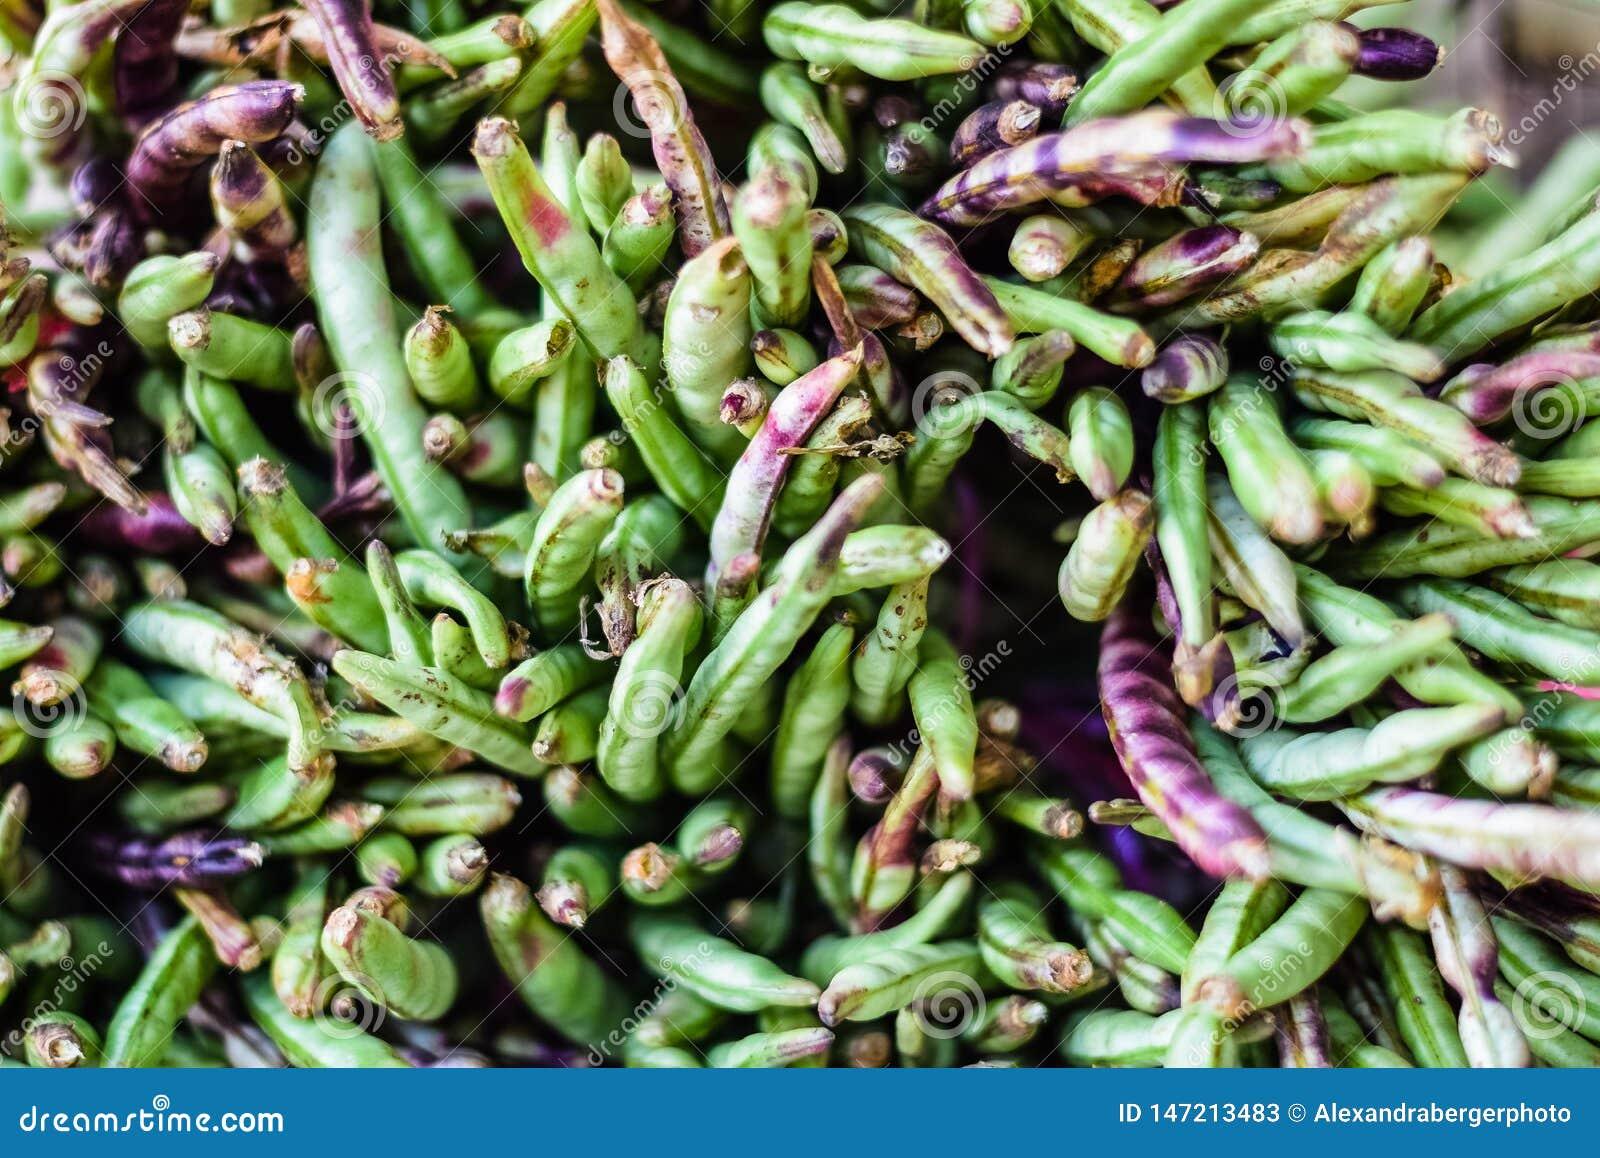 Haricots sauvages frais sur le marché